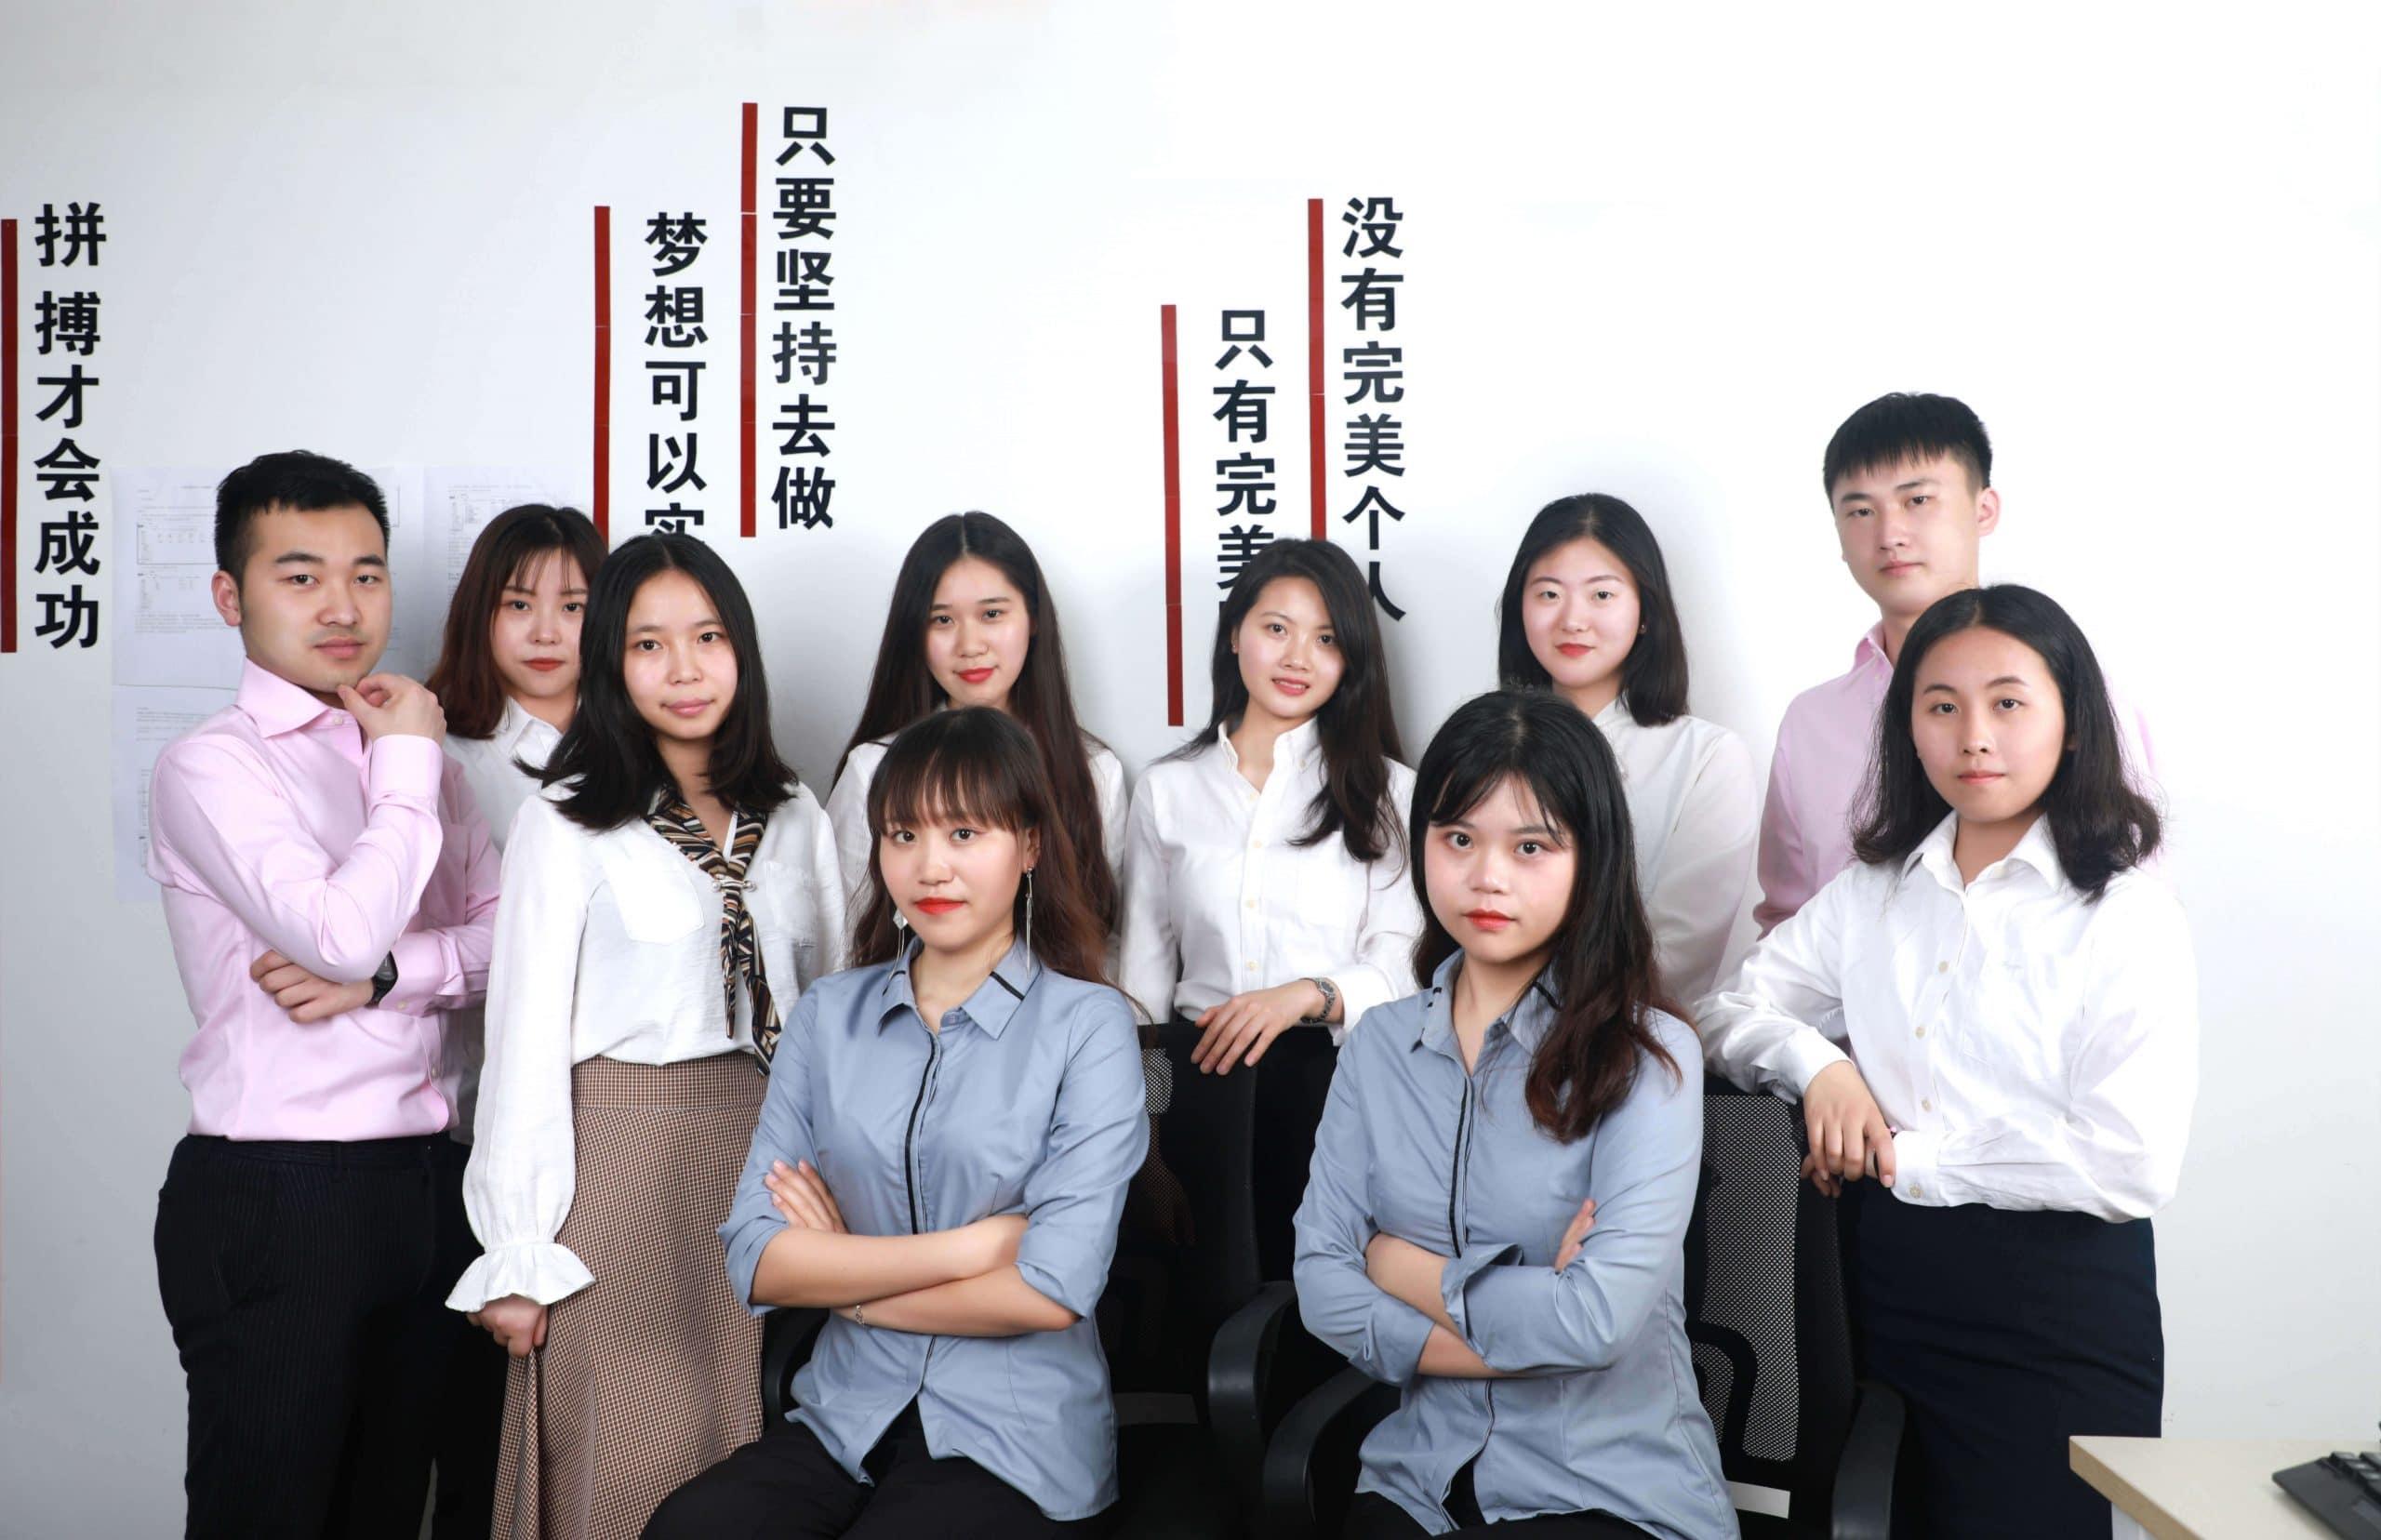 GFLAI Team